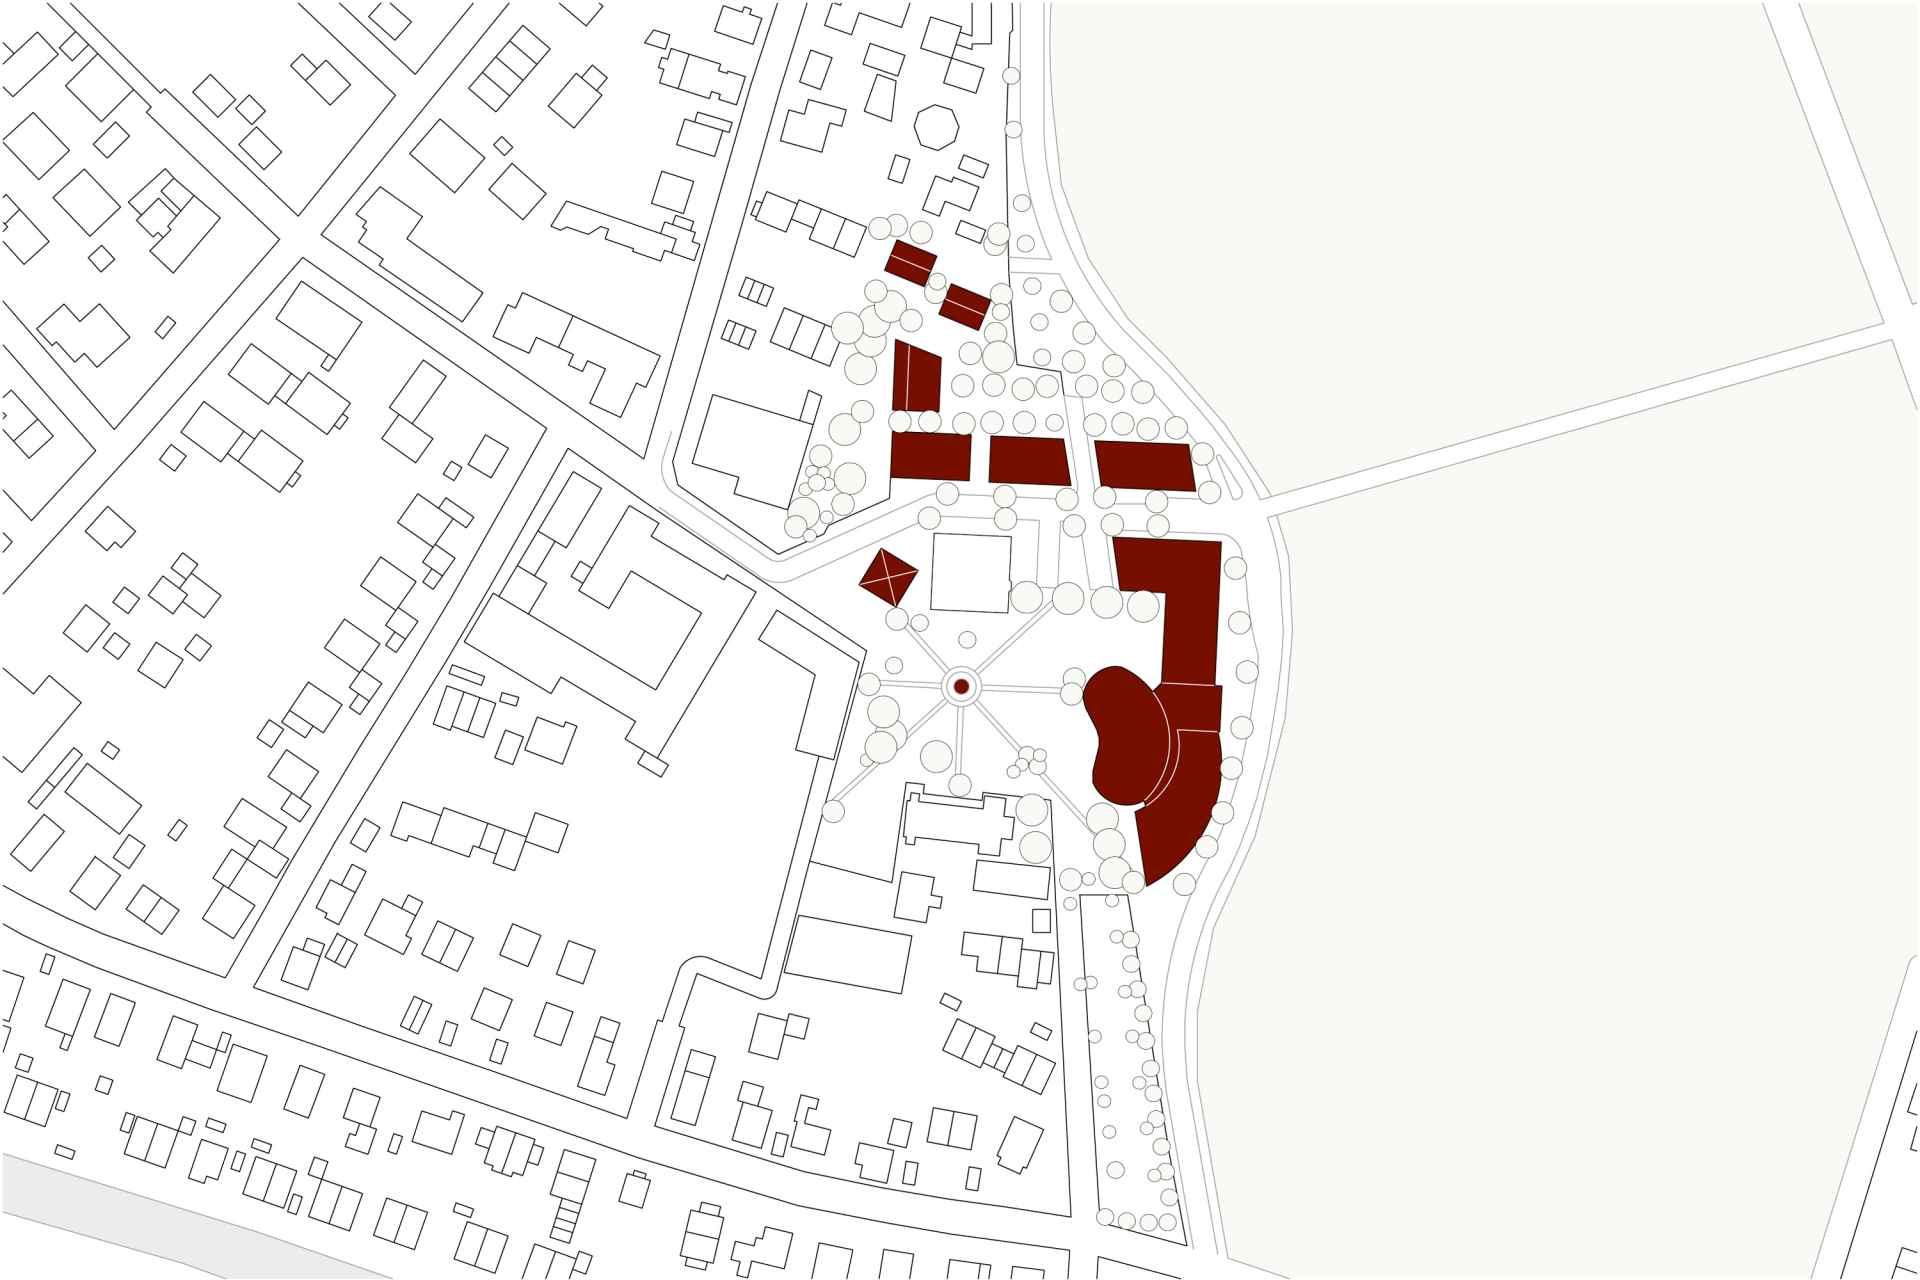 SIV (Wettbewerbe und Entwürfe) Städtebauliche Veränderung